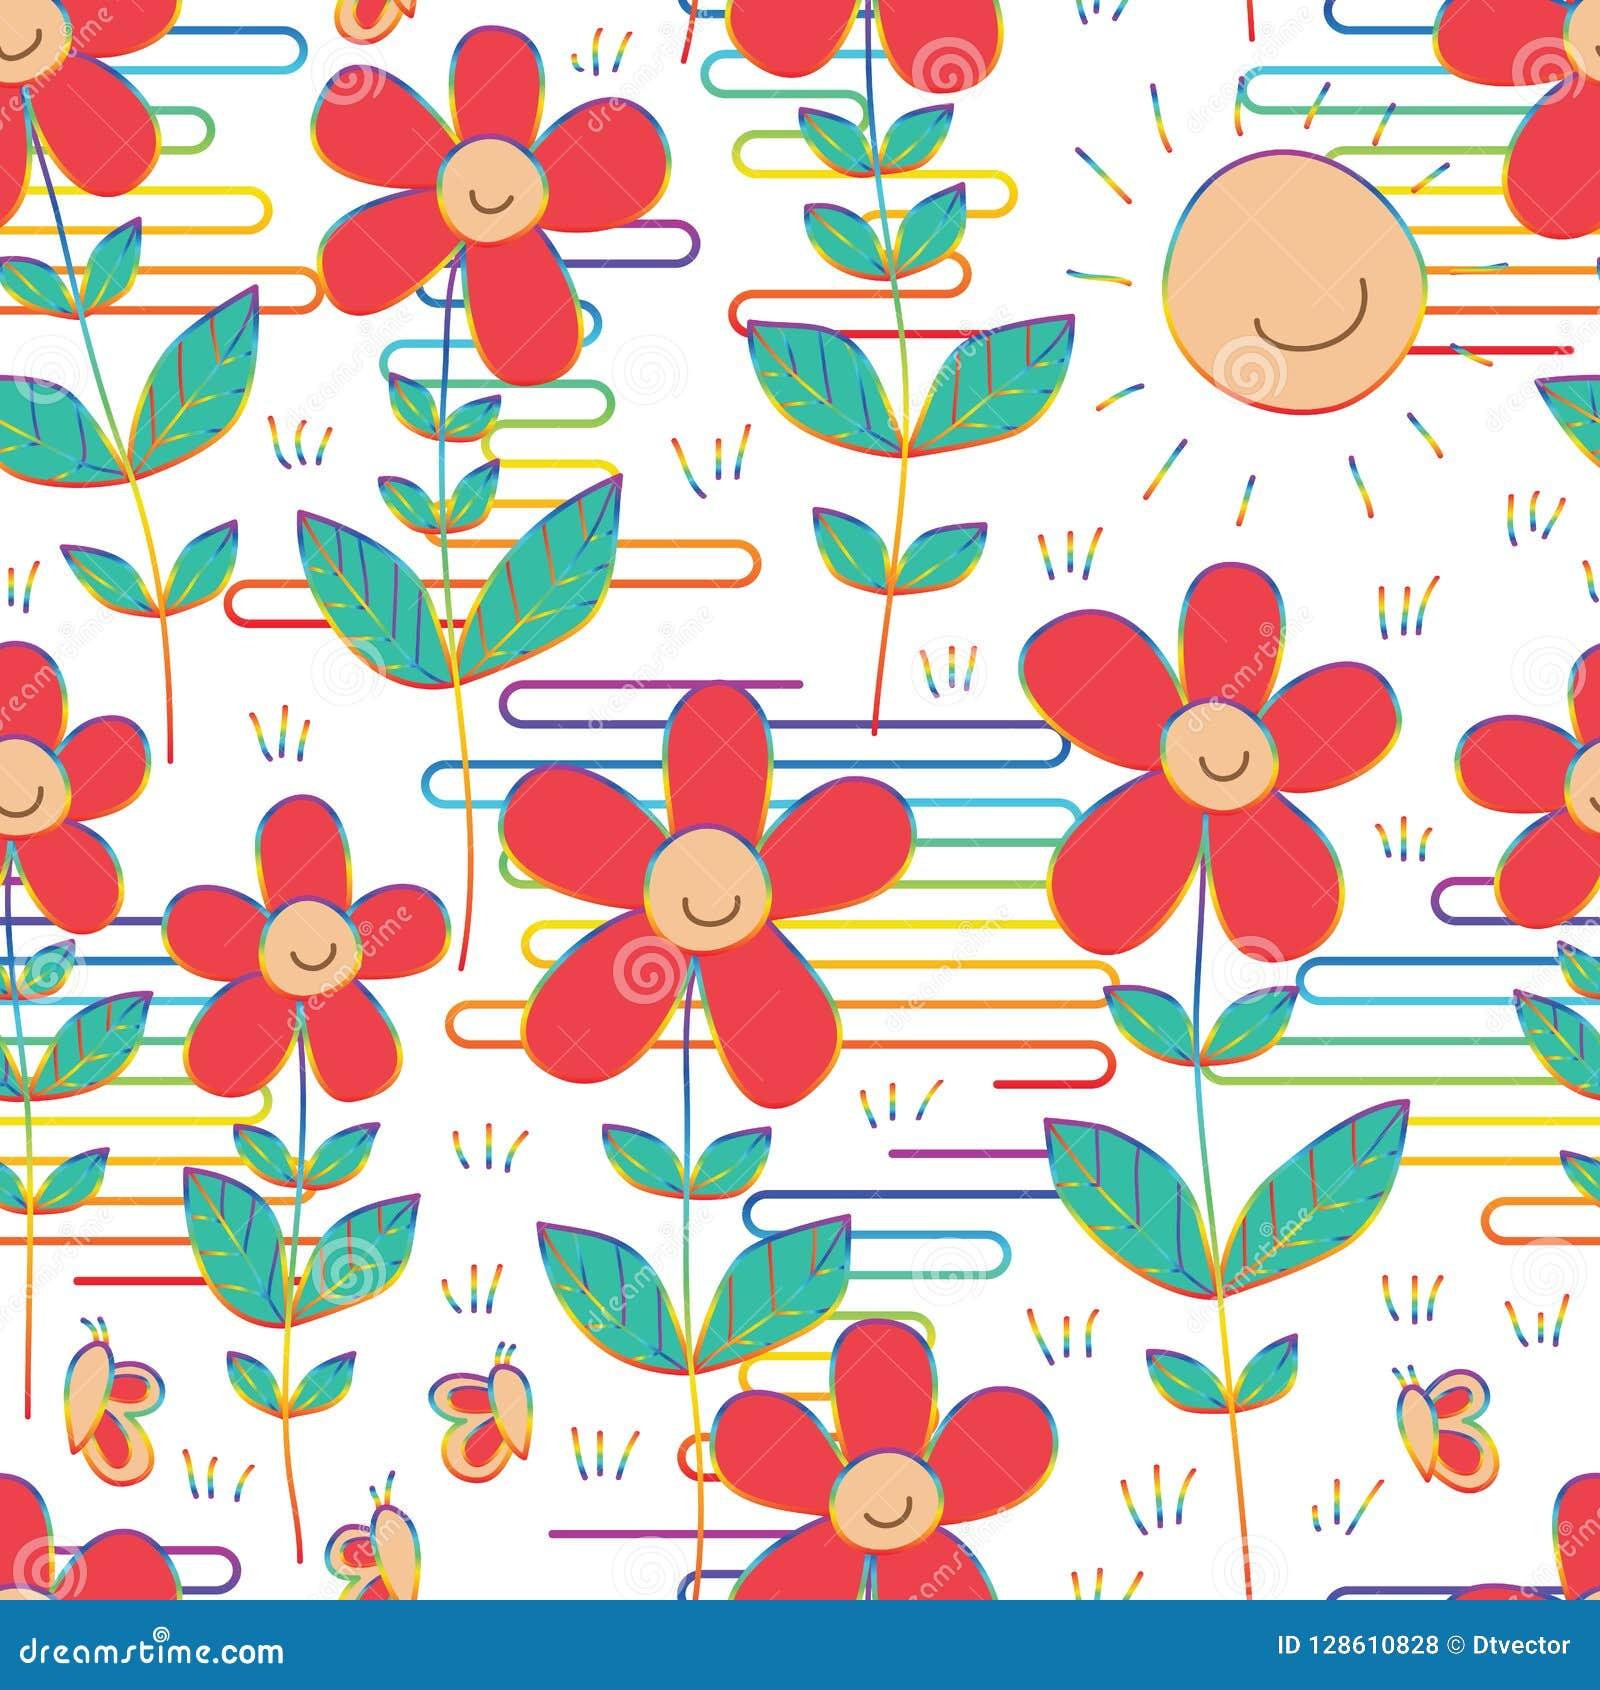 Van de de glimlachvlinder van de bloemzon van de de regenboogstijl van de de wolkenlijn van Japan het naadloze patroon